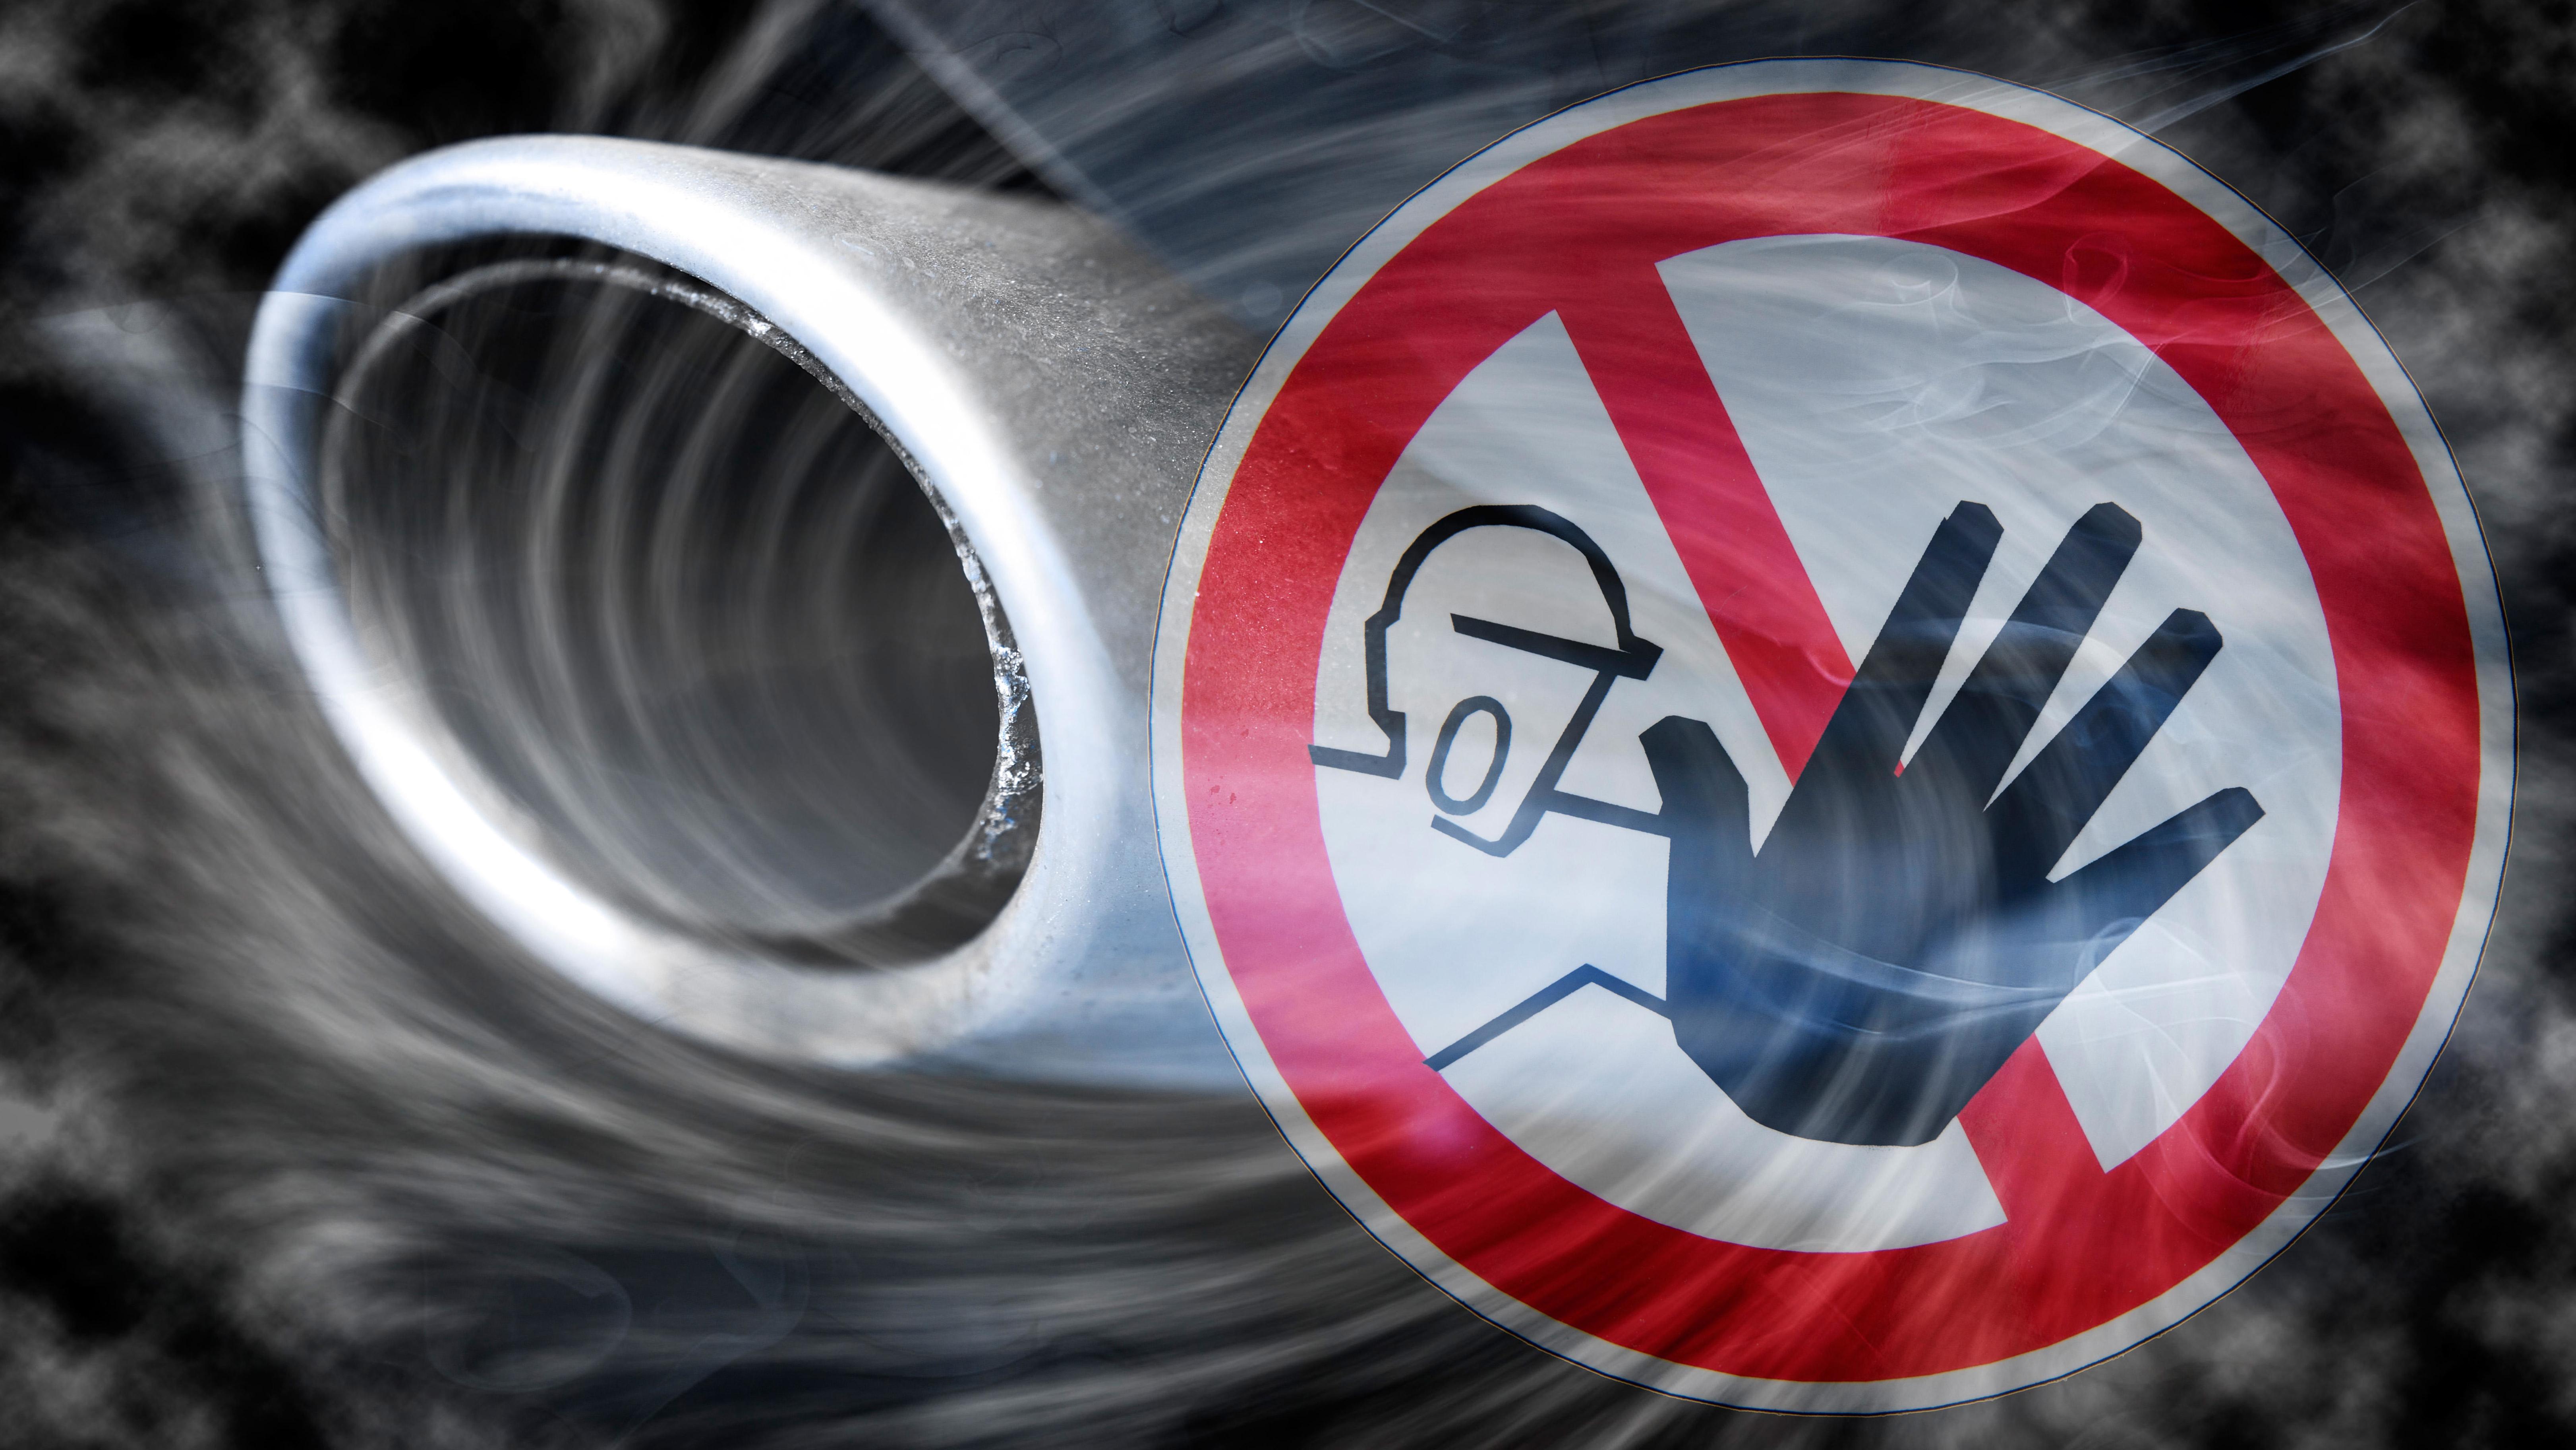 Verbotsschild und Autoauspuff mit Abgasen, Diesel-Fahrverbot